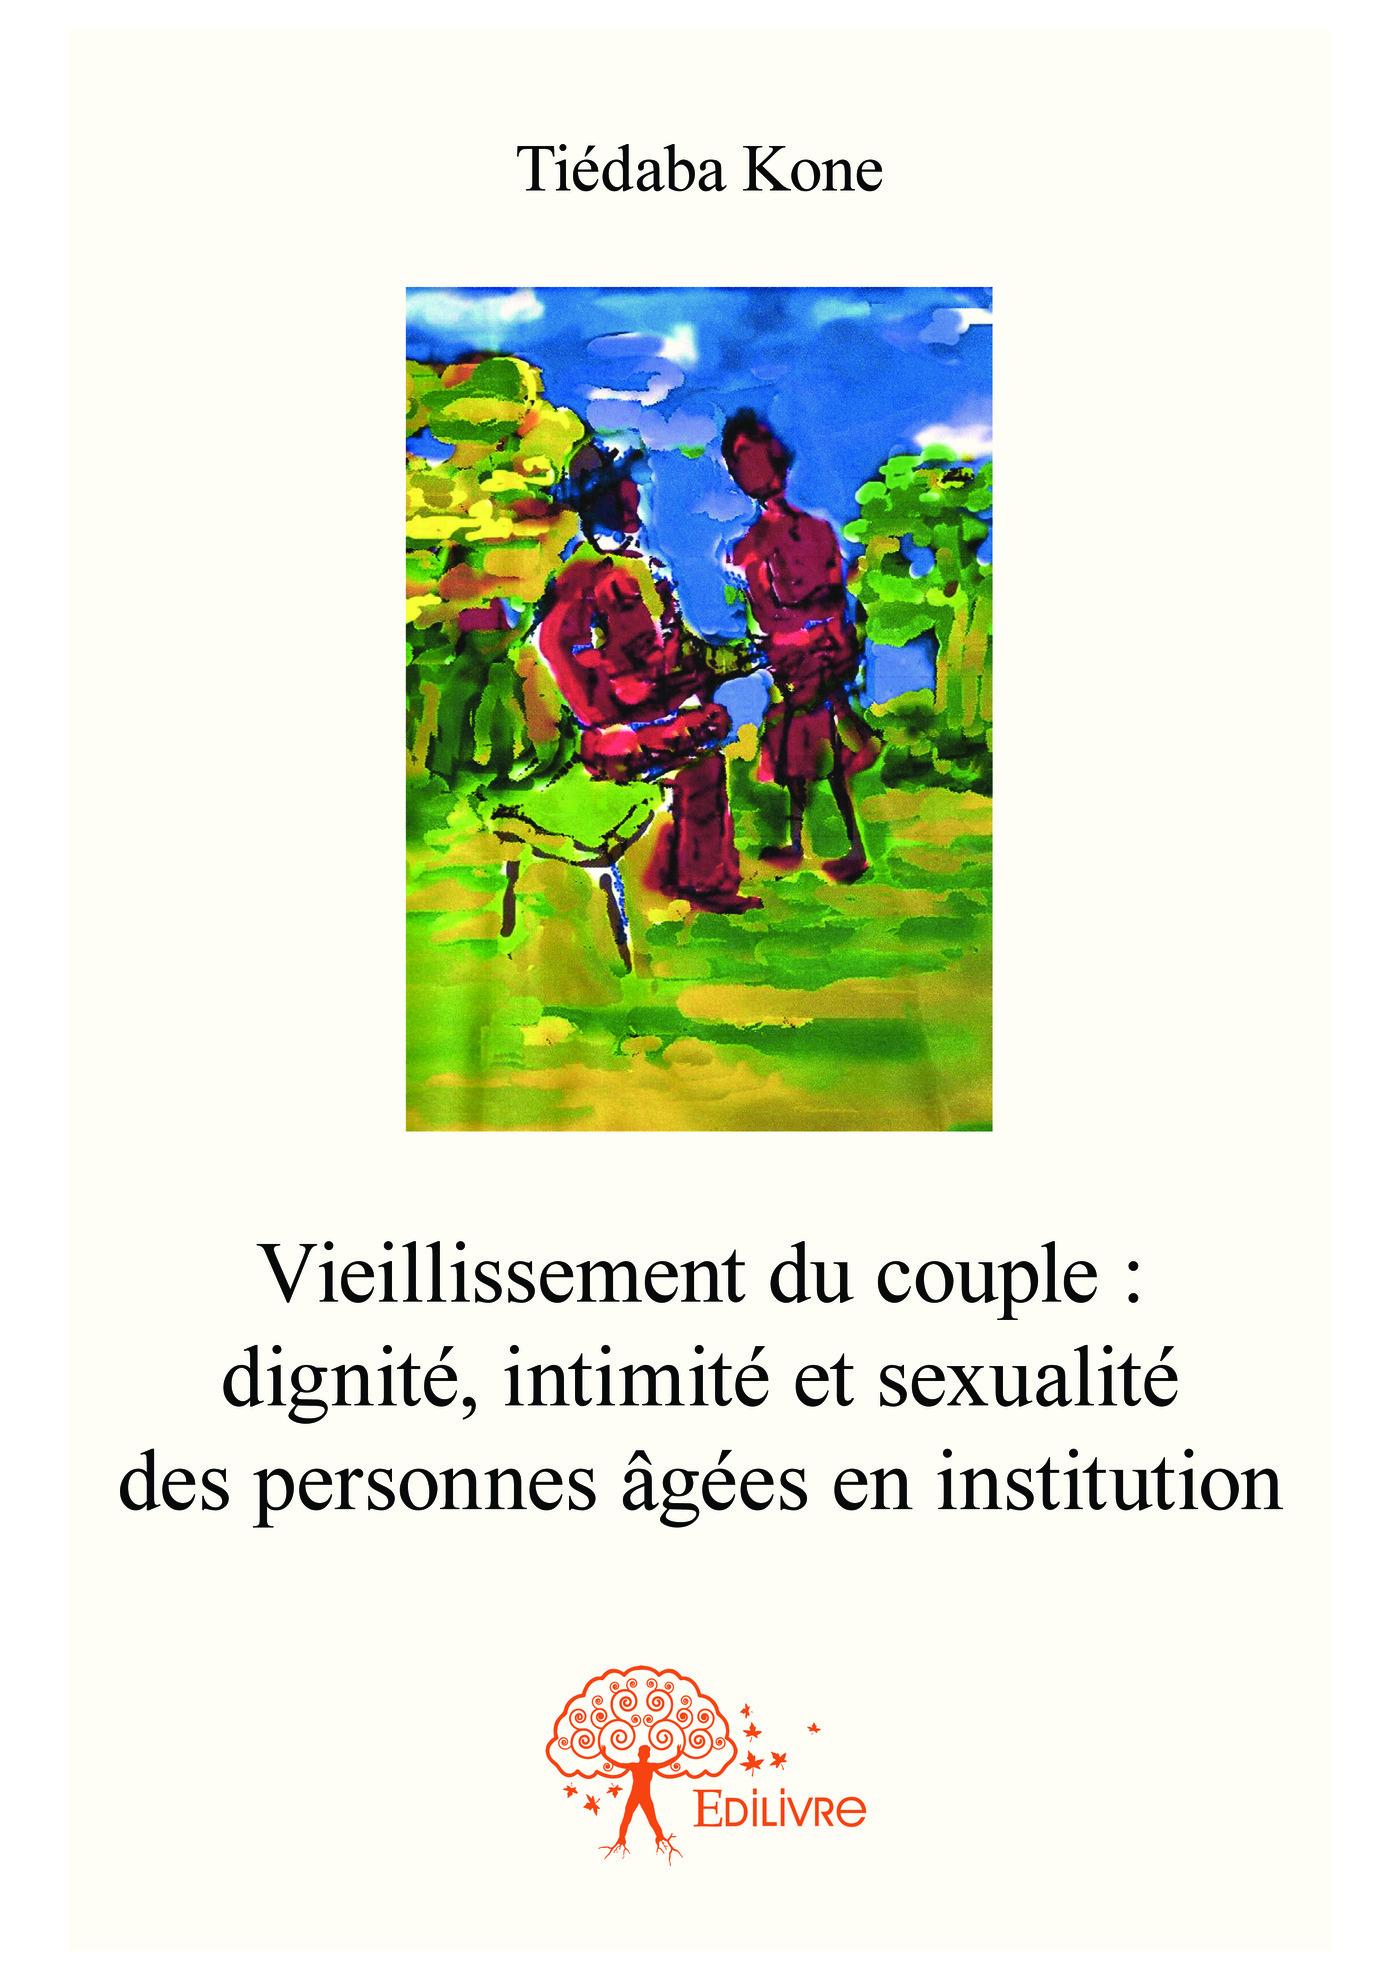 Vieillissement du couple  dignité, intimité et sexualité des personnes âgées en institution